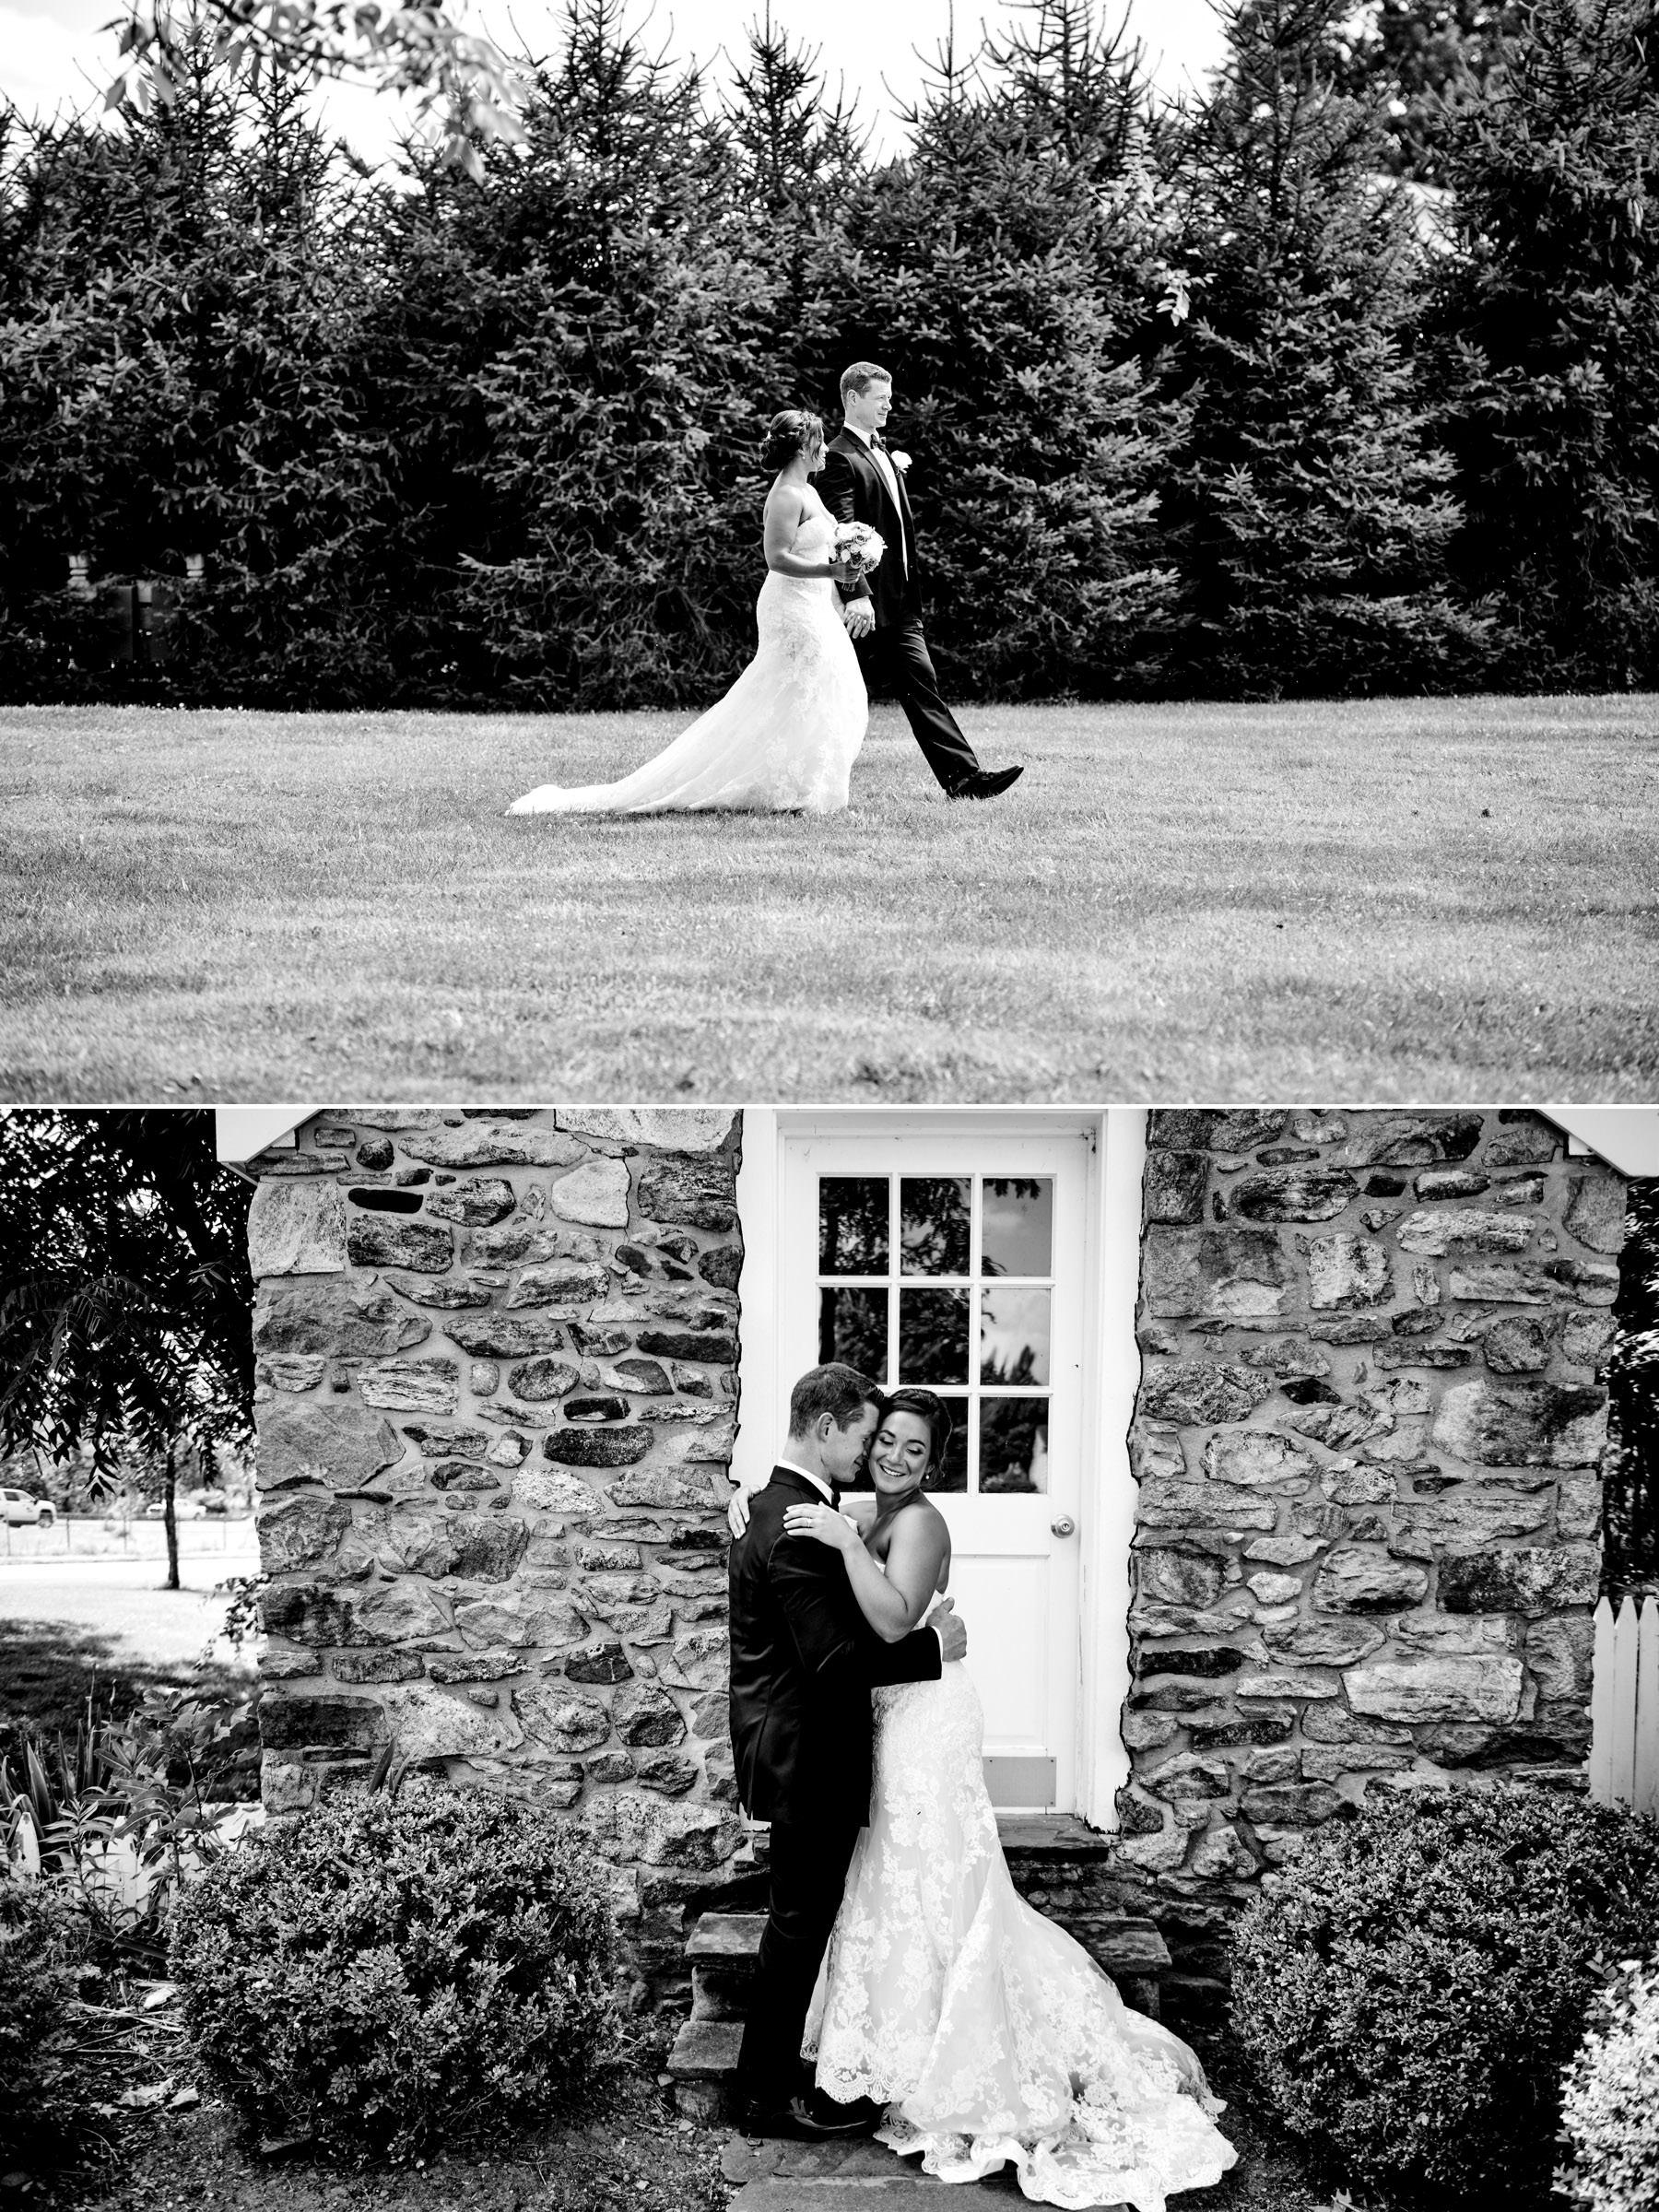 The Farmhouse wedding photos